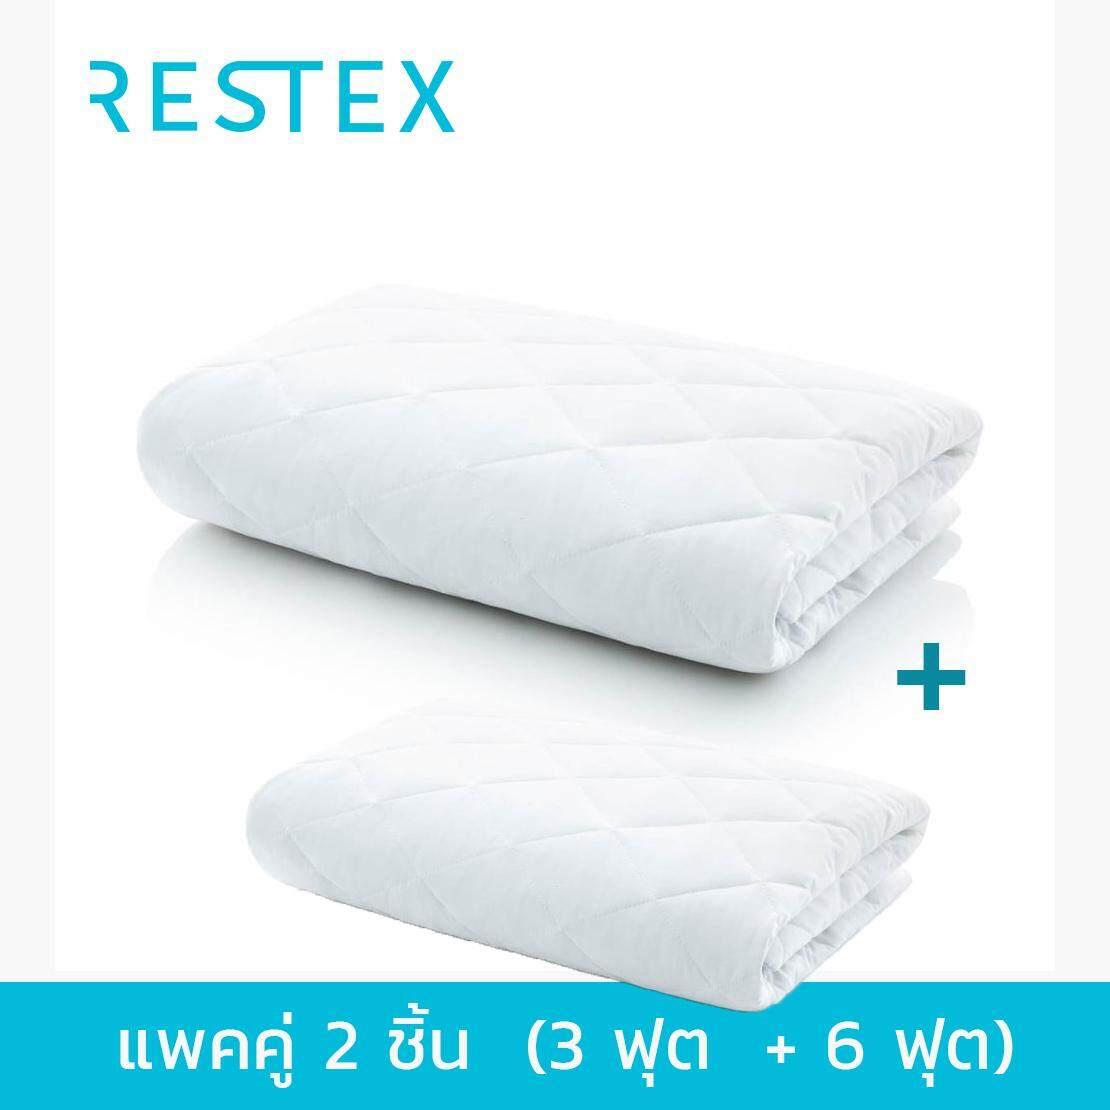 โปรแพคคู่ Restex ผ้ารองกันเปื้อน คุณภาพโรงแรม 5 ดาว Hollow Filled กันไรฝุ่น พร้อมยางรัดมุม ขนาดที่นอน 3 ฟุต + 6 ฟุต.